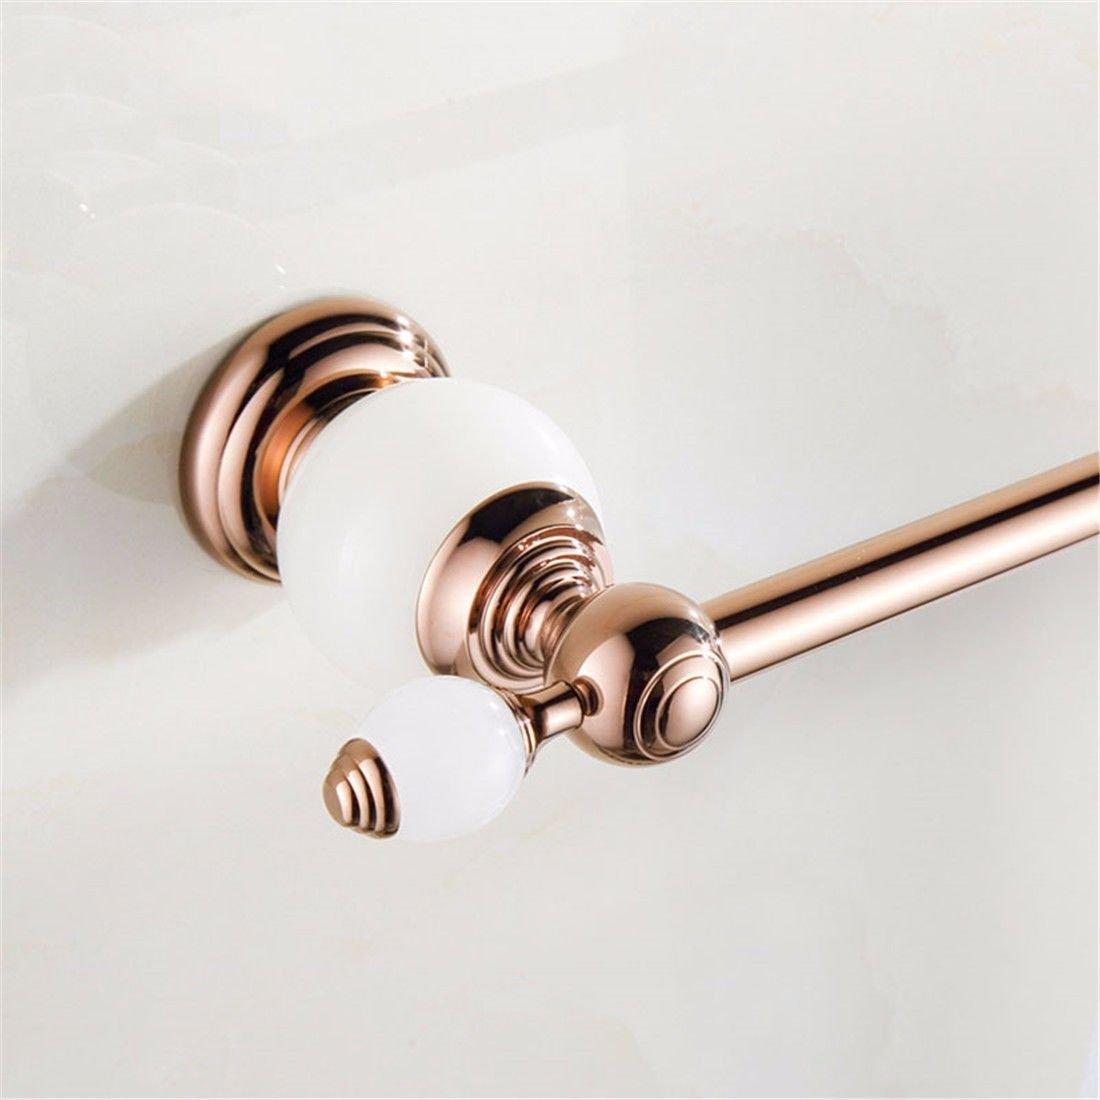 Hlluya Toallero El Jade Oro Oro Oro Rosa Juego de Accesorios de baño Toalla toallero Anillo, Sola Taza 7439a8